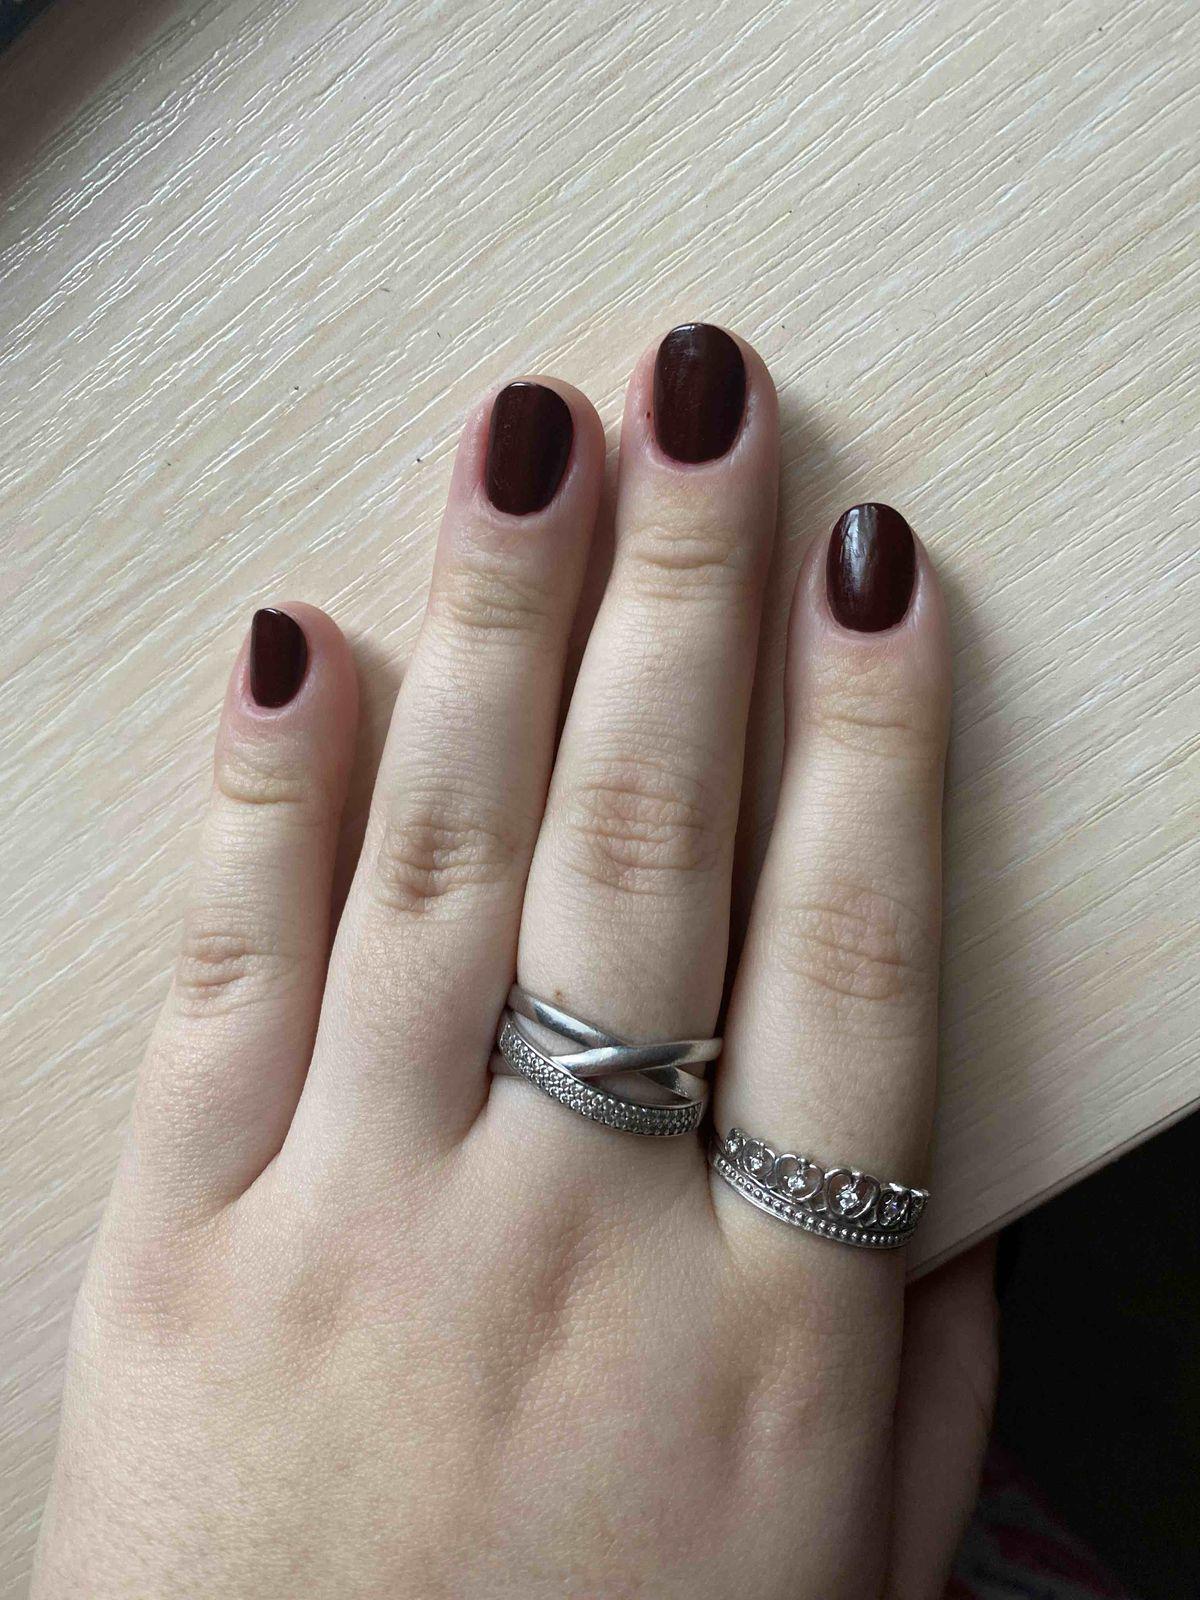 Красивое кольцо, смотрится на руке восхитительно!